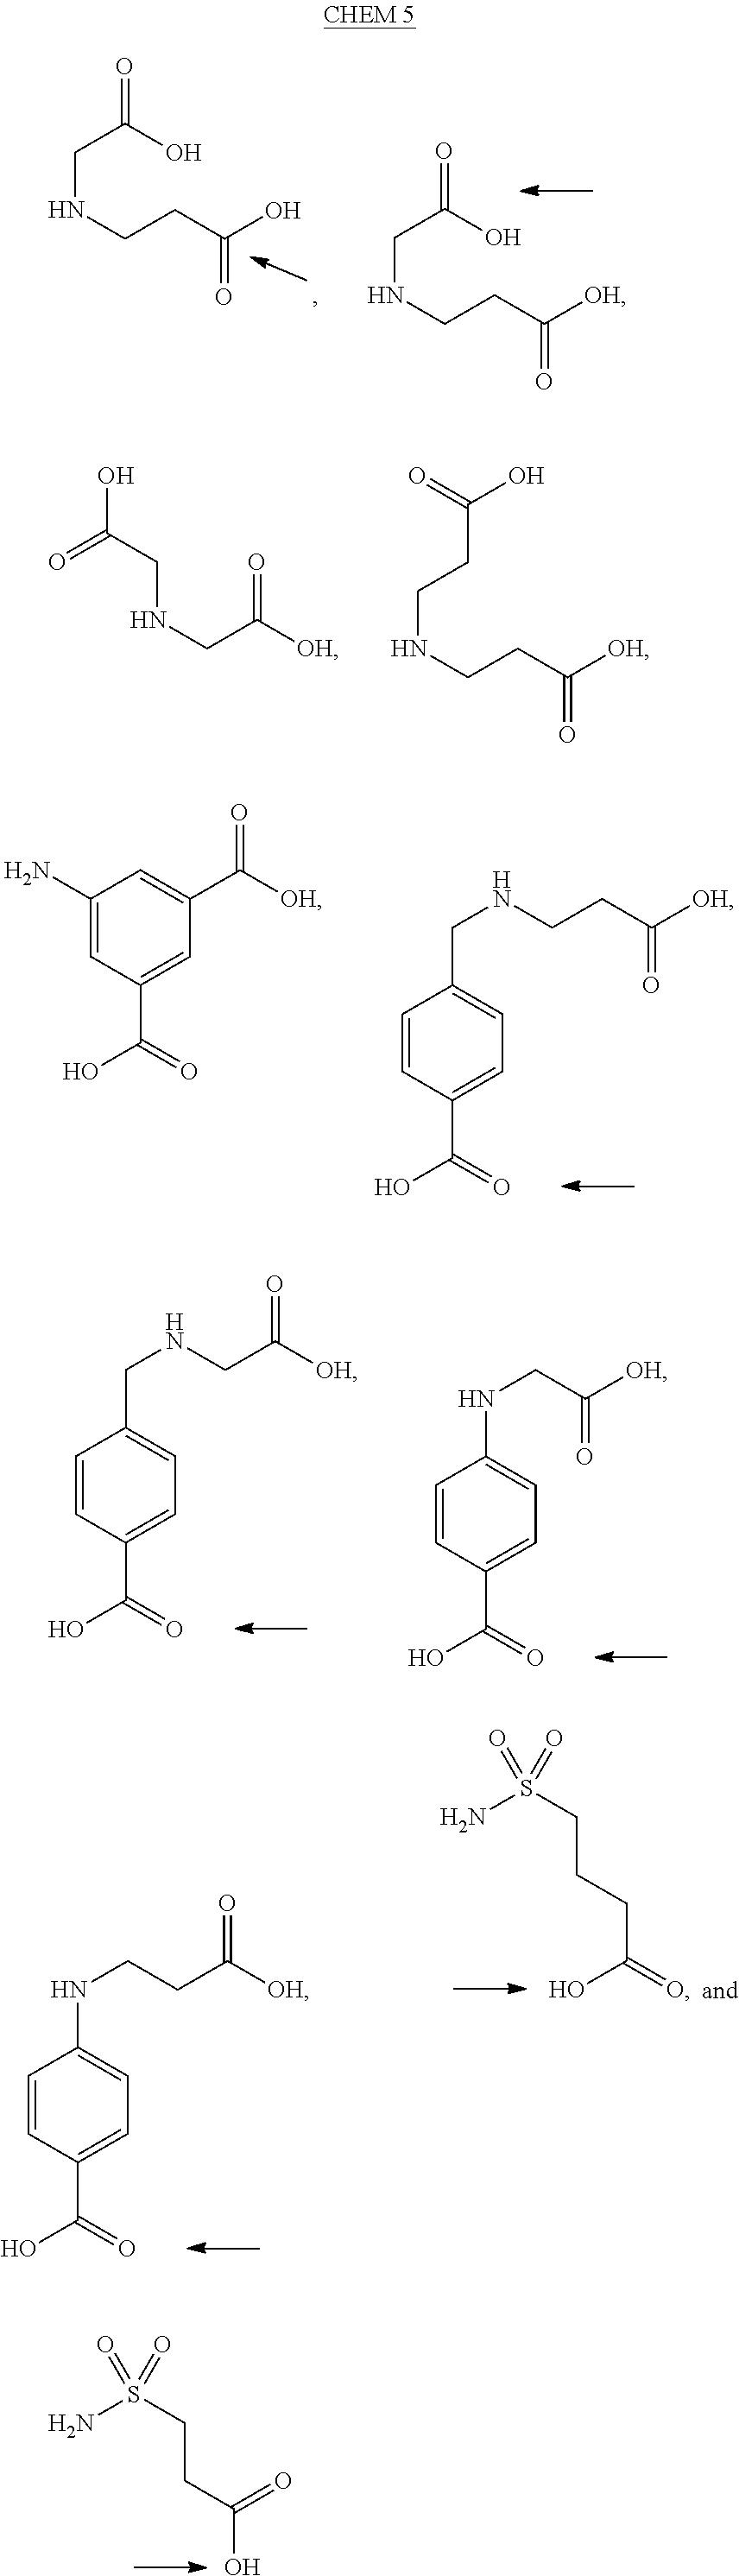 Figure US20180000742A1-20180104-C00004